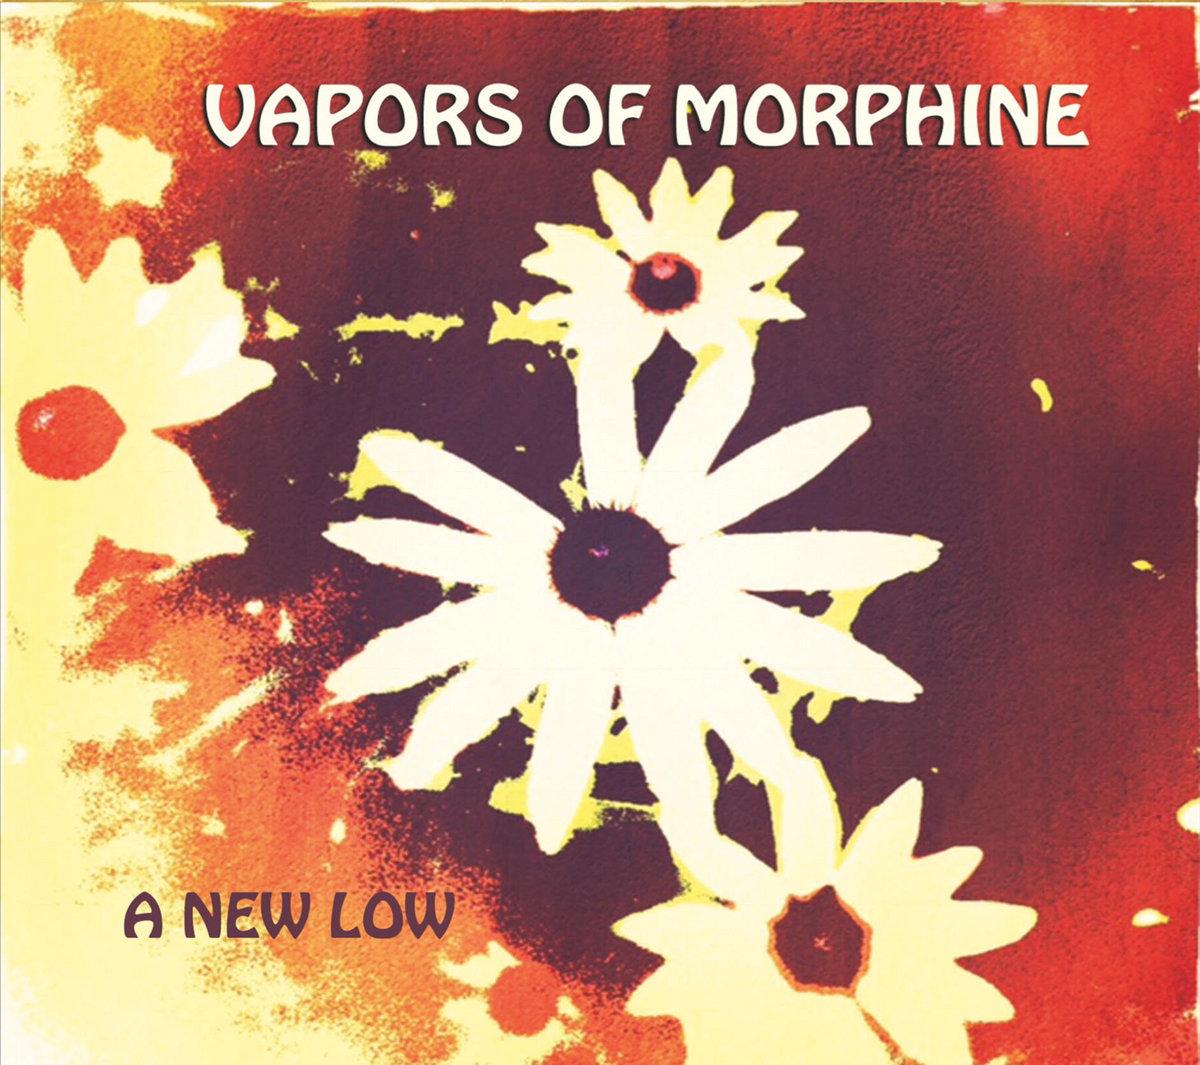 Morphine - Página 4 A2703944562_10